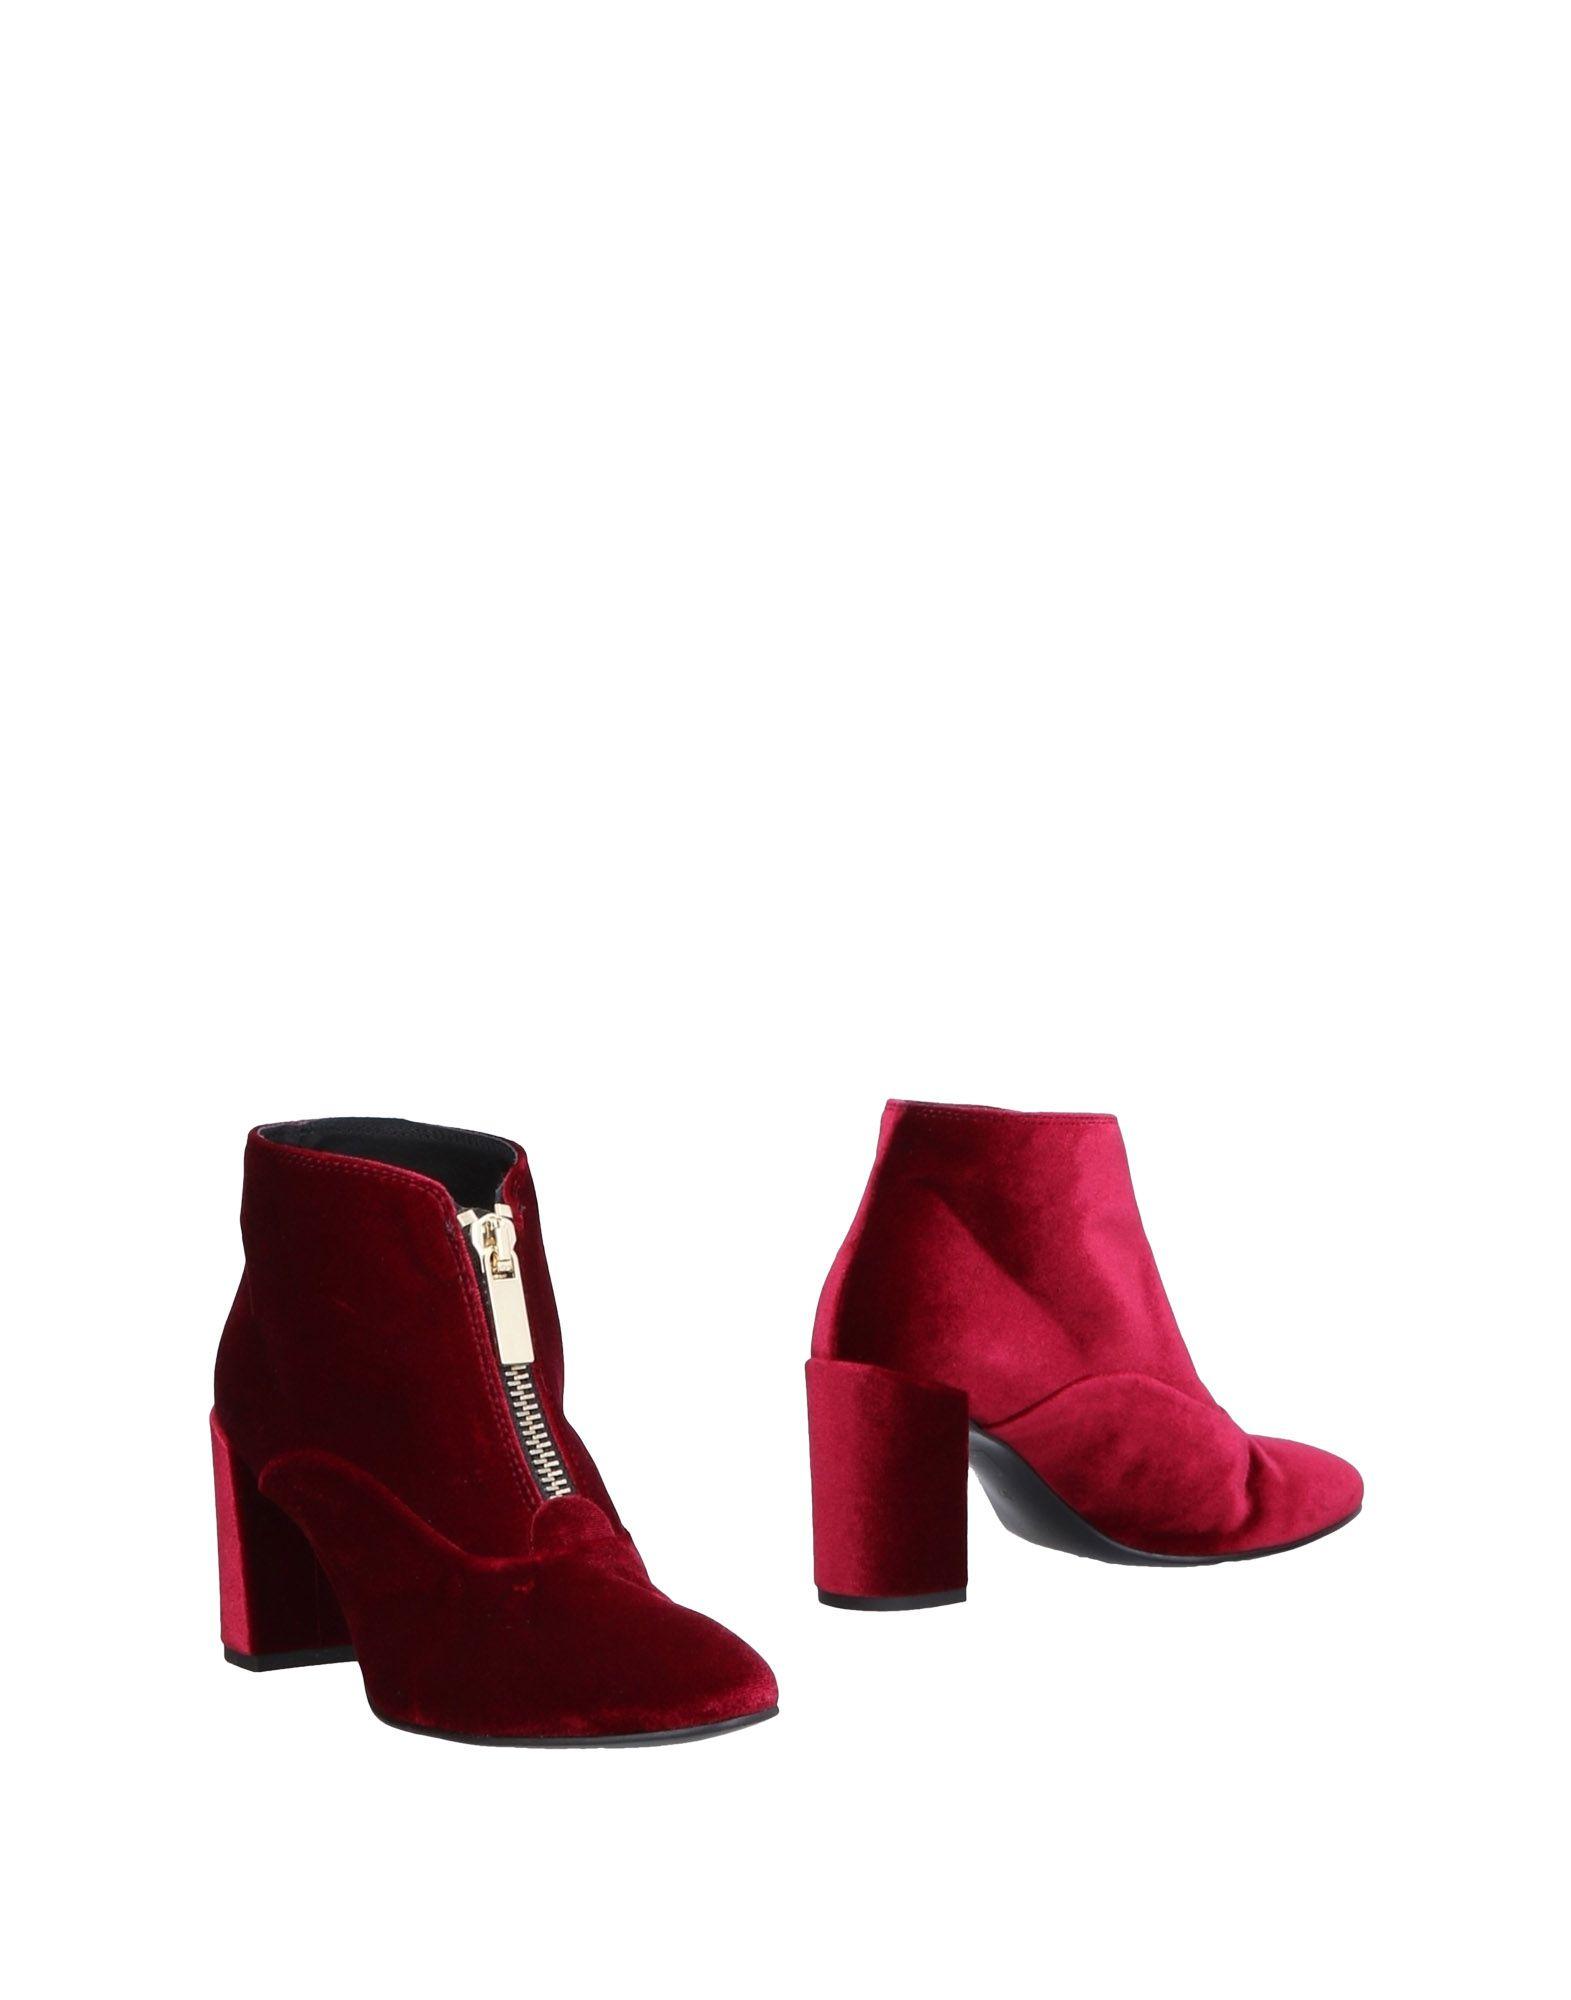 Bottine Tosca Blu Shoes Femme - Bottines Tosca Blu Shoes Noir Réduction de prix saisonnier, remise